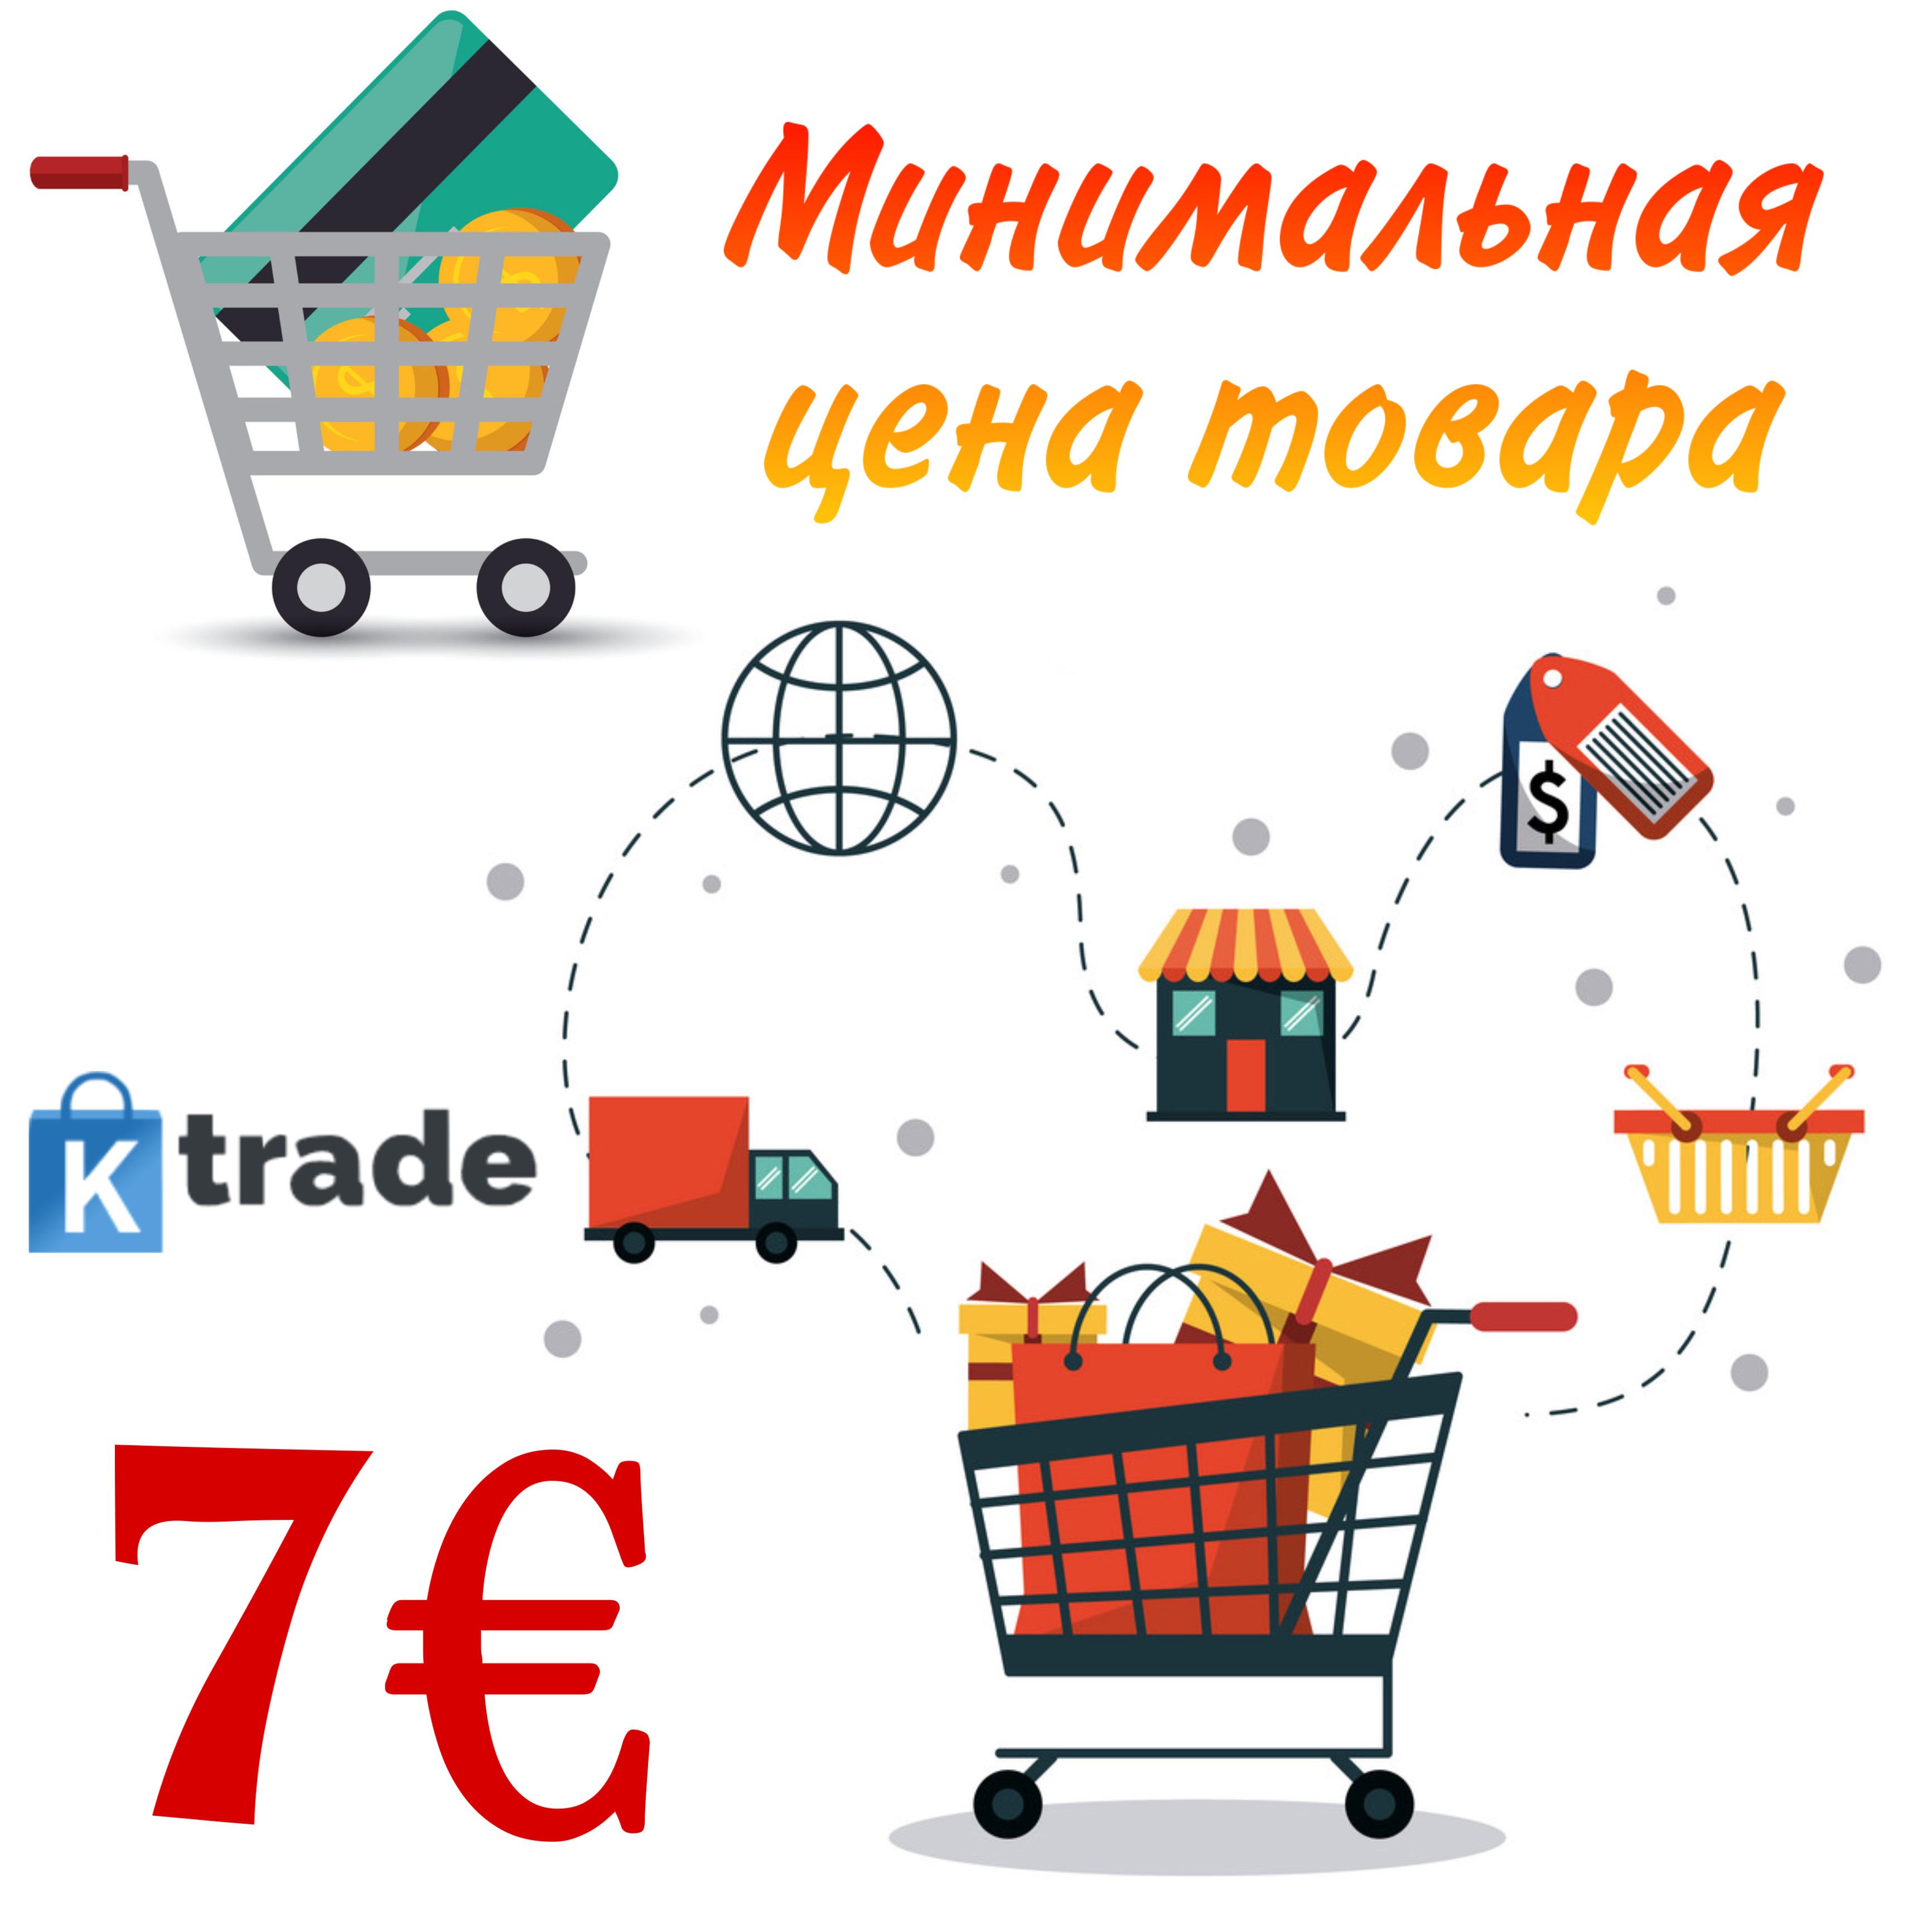 7 евро минимальная цена ариткула